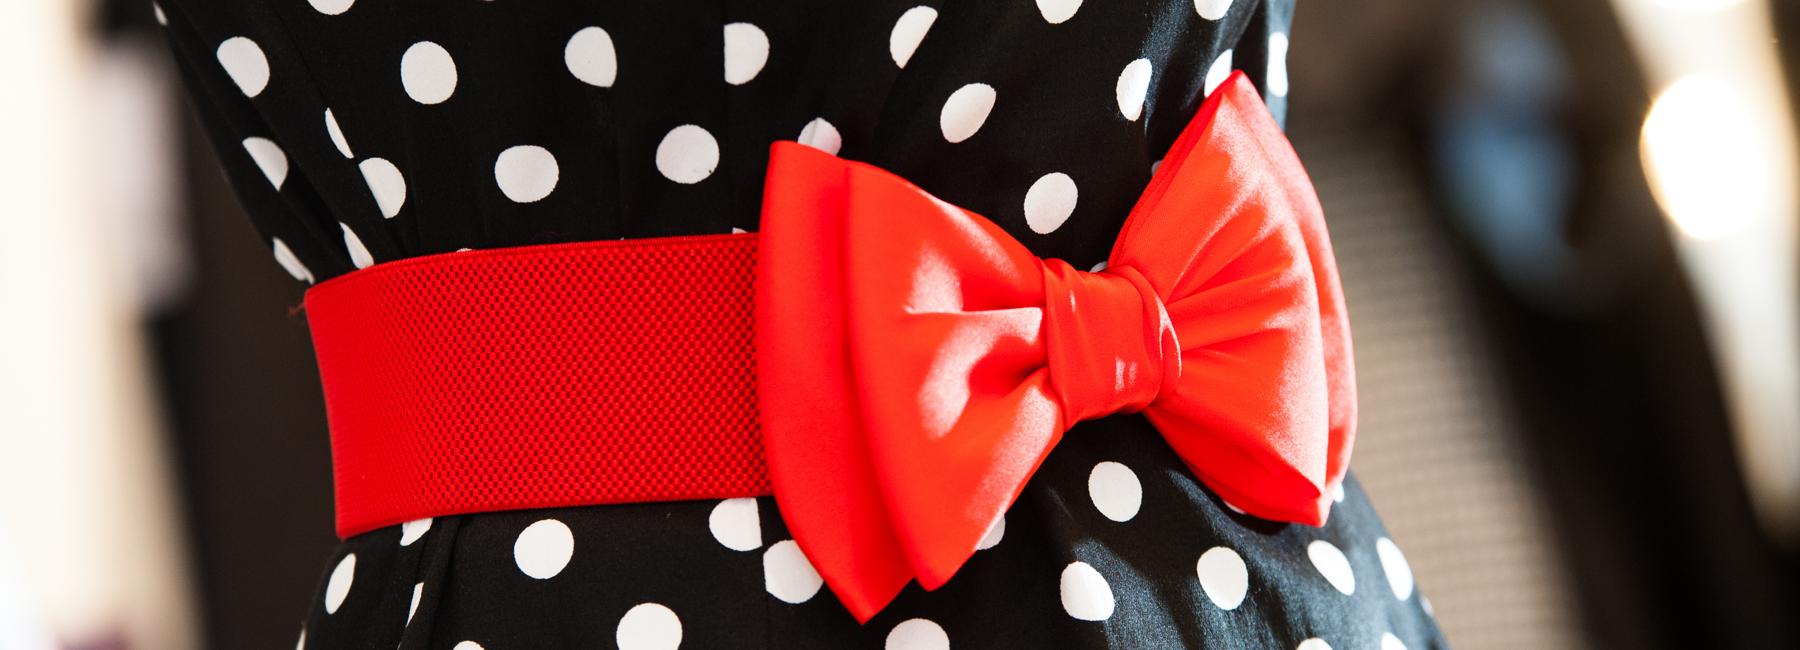 Bei Retro-Mode ist die Taille Hingucker Nr. 1. Vor allem zum Petticoatkleid sollte unbedingt ein stilechter Stretchgürtel oder Lackgürtel getragen werden. Er rückt die Taille ins rechte Licht und hält Ihr Lieblings-Outfit fest an Ort und Stelle.